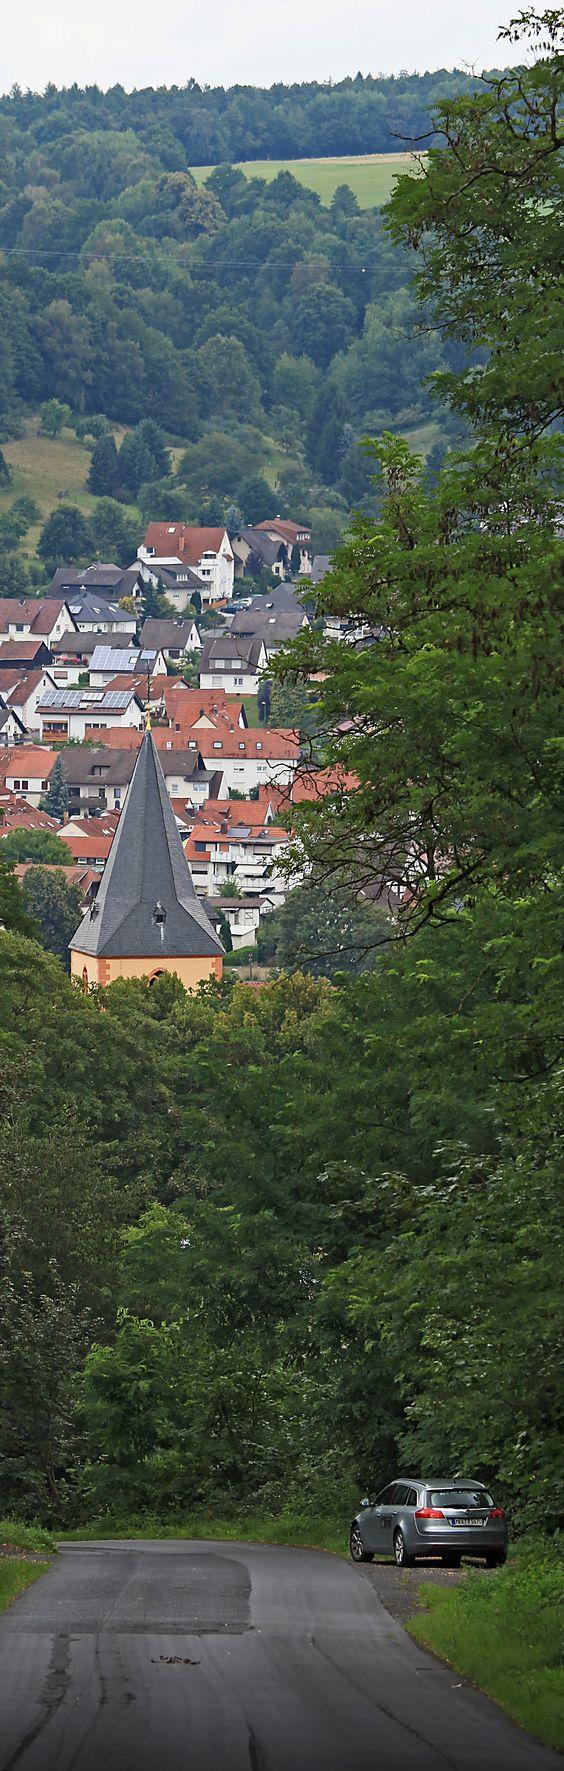 Bad Orb- Blick vom Molkenbergweg zur Altstadt und zur Kirche St. Martin